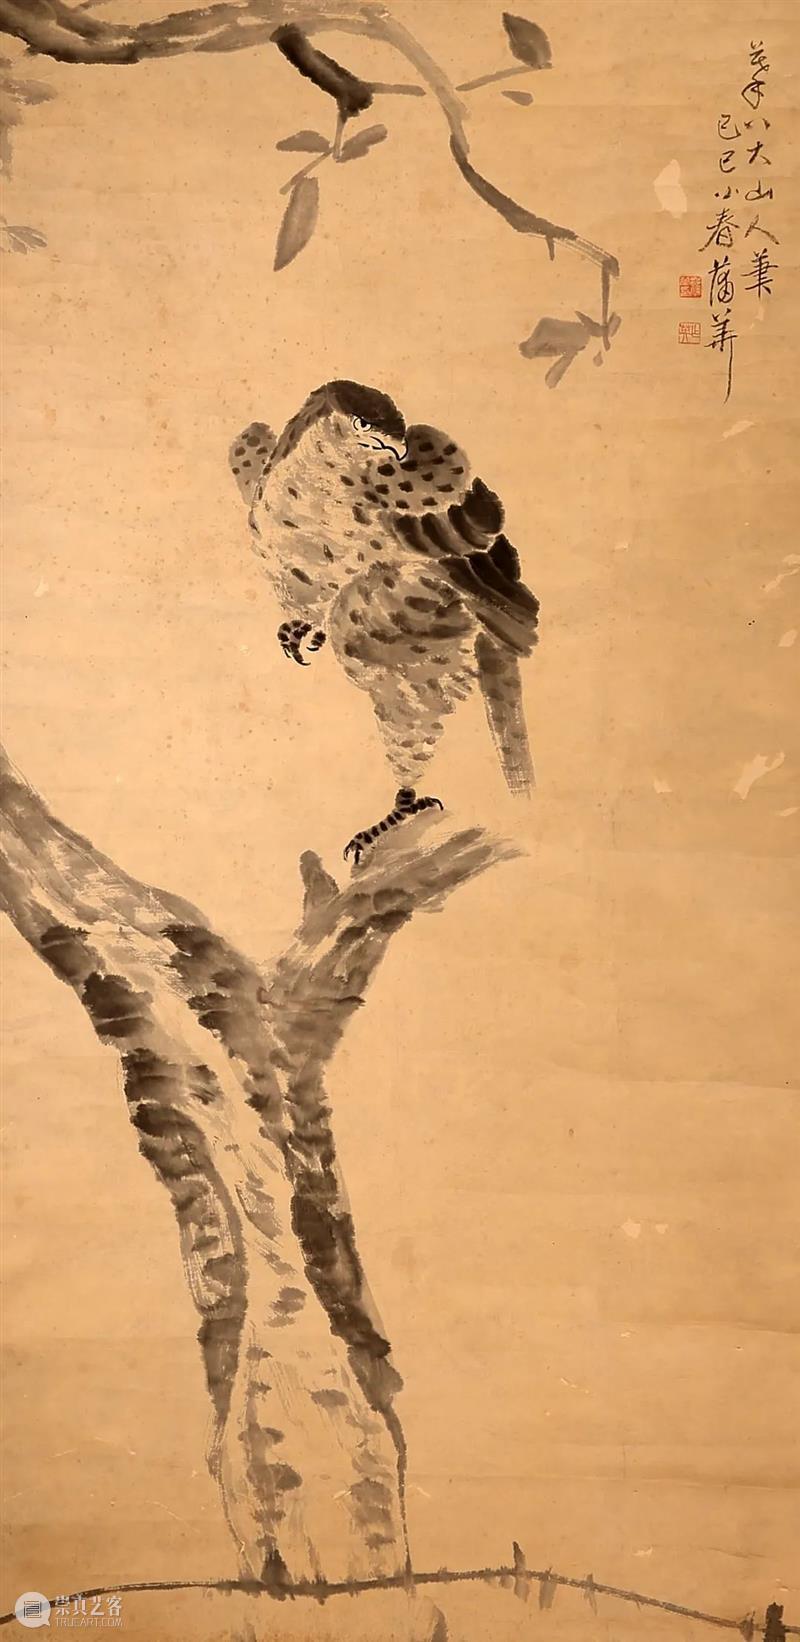 敬华网拍丨书画第六十三期(二) 敬华 书画 二维码 唐云 午瑞图 花鸟 设色纸本 应野平 黄山 胜境 崇真艺客